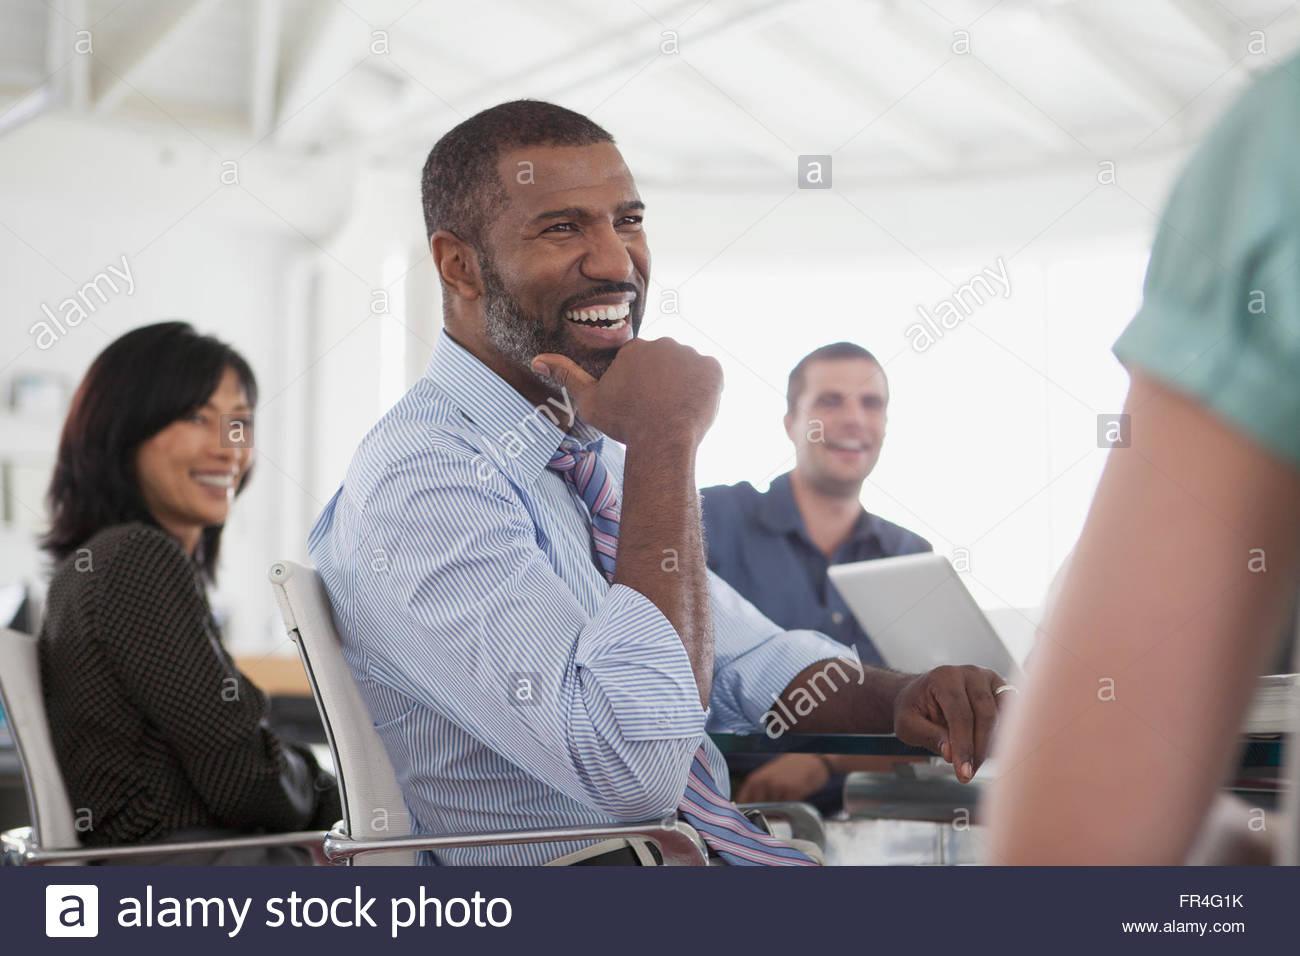 attraktive Mitte Alter Geschäftsmann mit einem Lachen während eines Meetings Stockbild